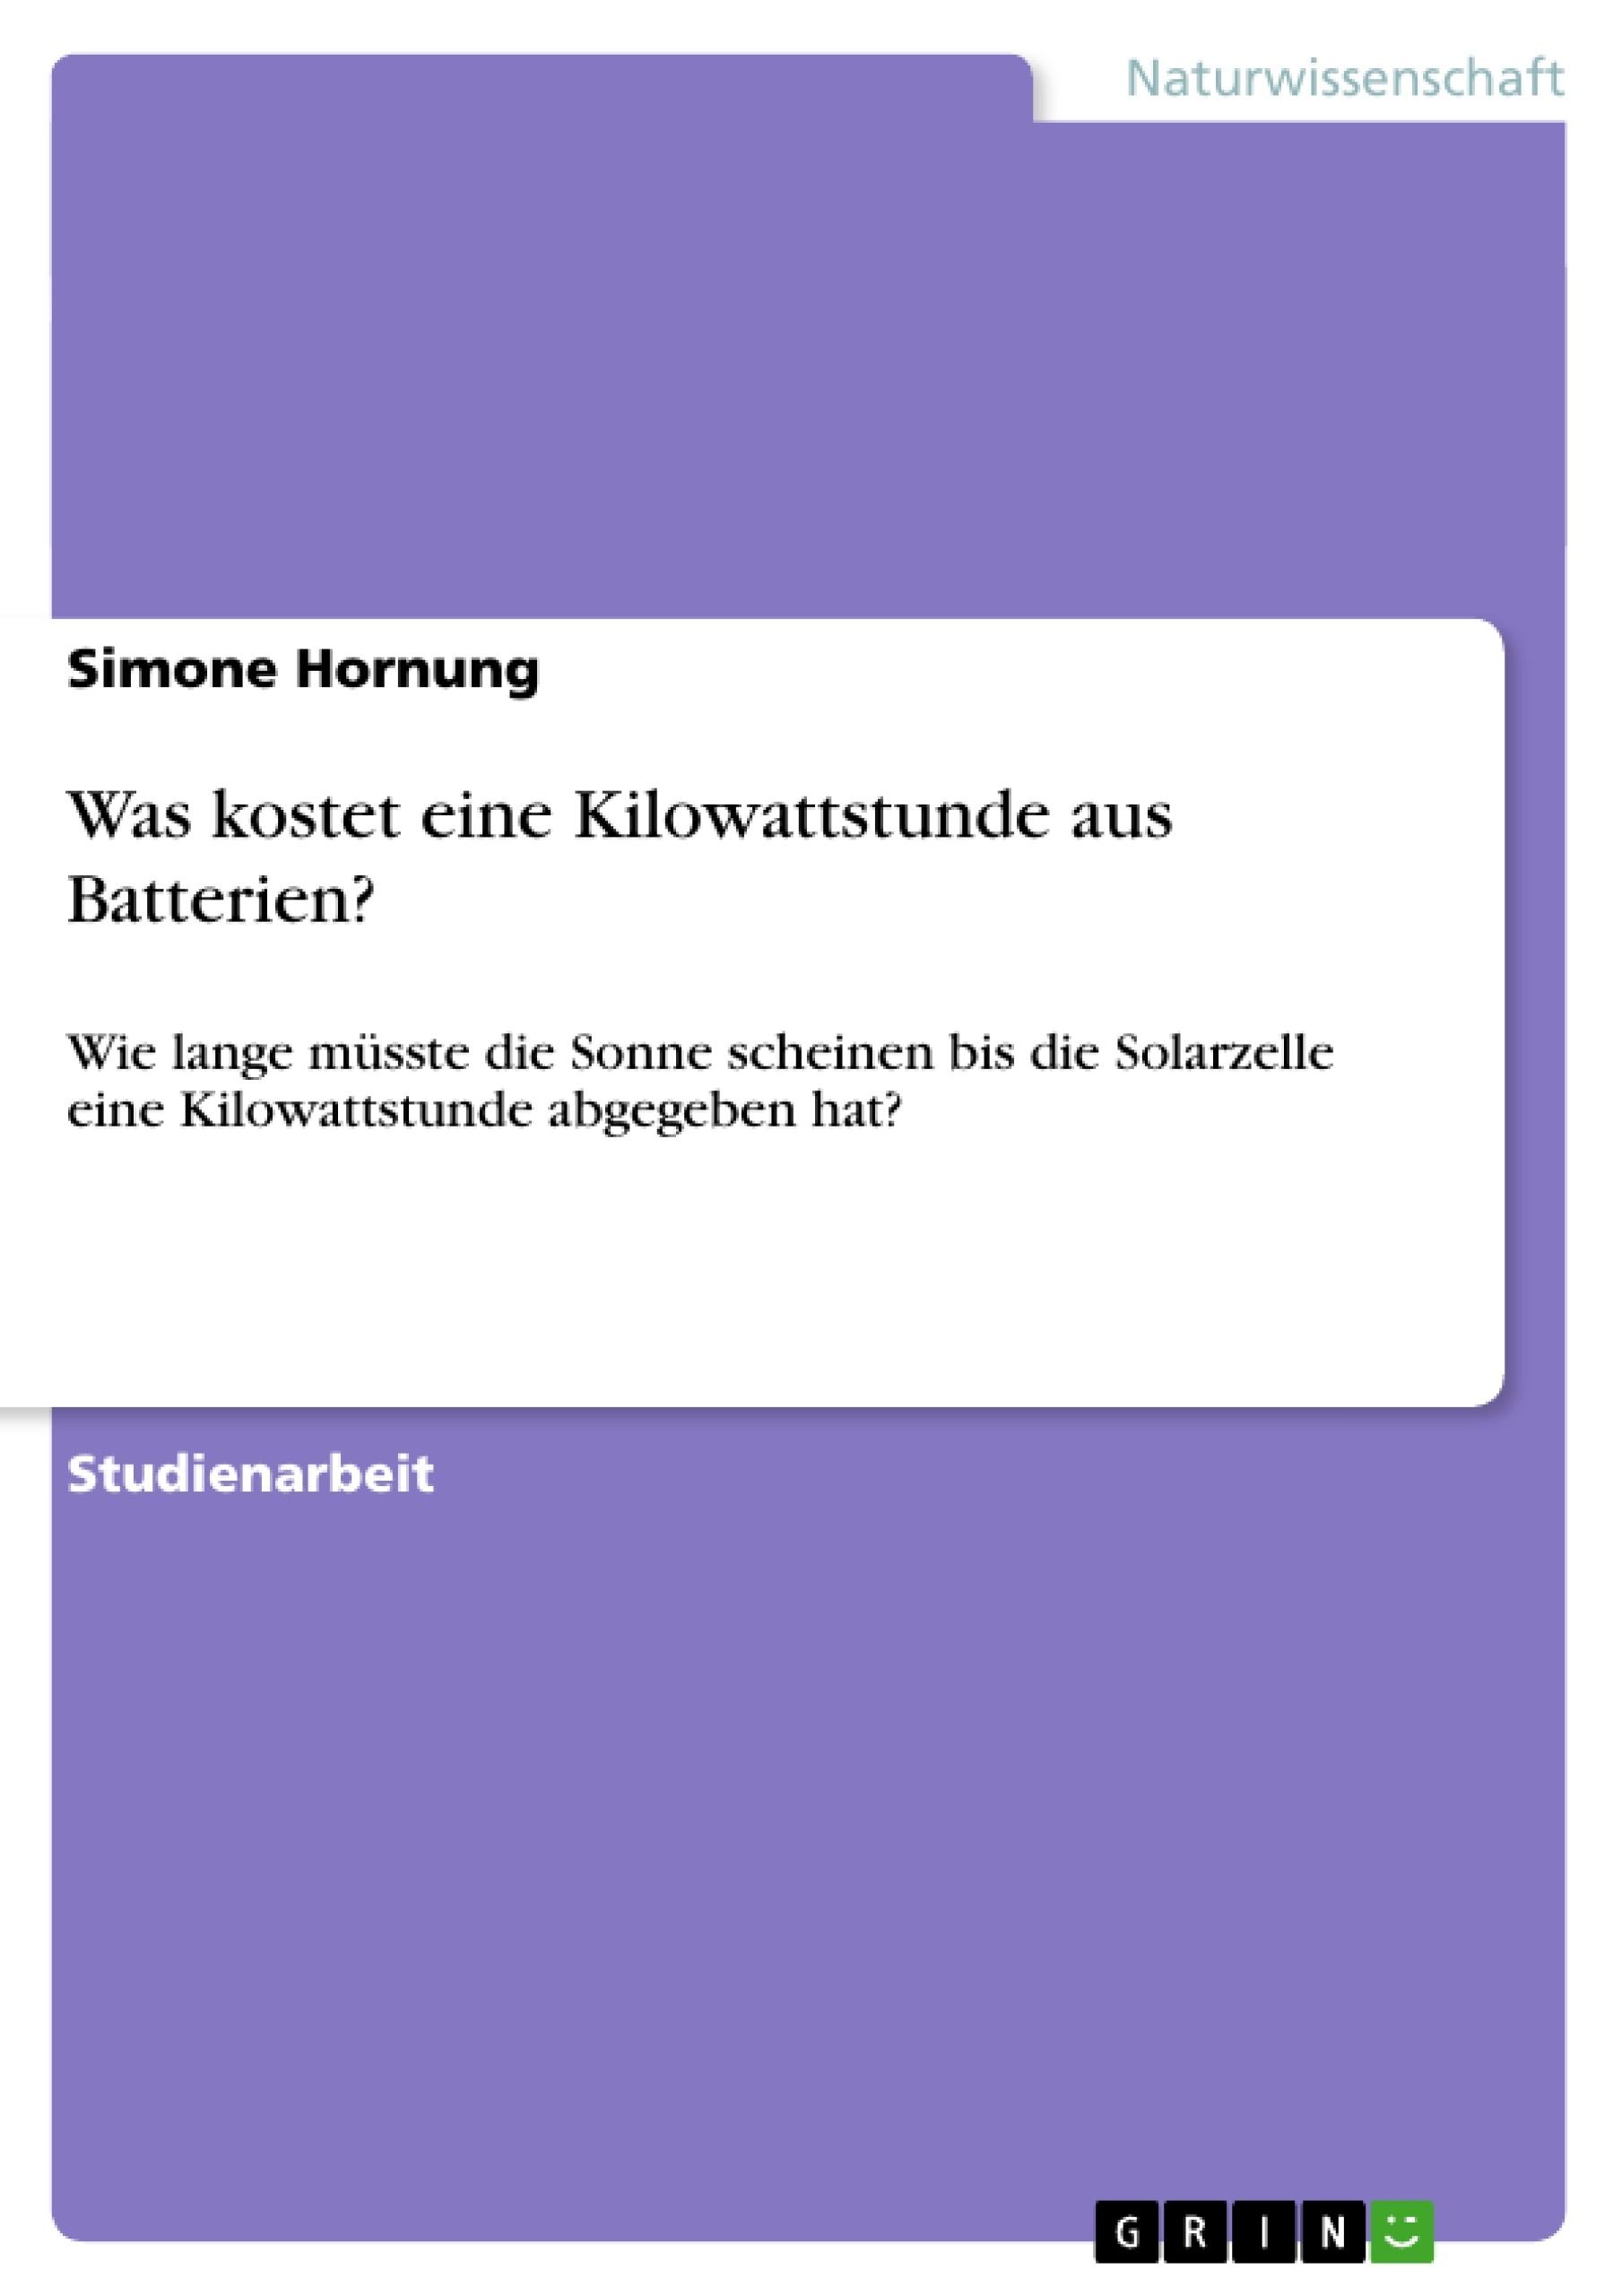 Titel: Was kostet eine Kilowattstunde aus Batterien?